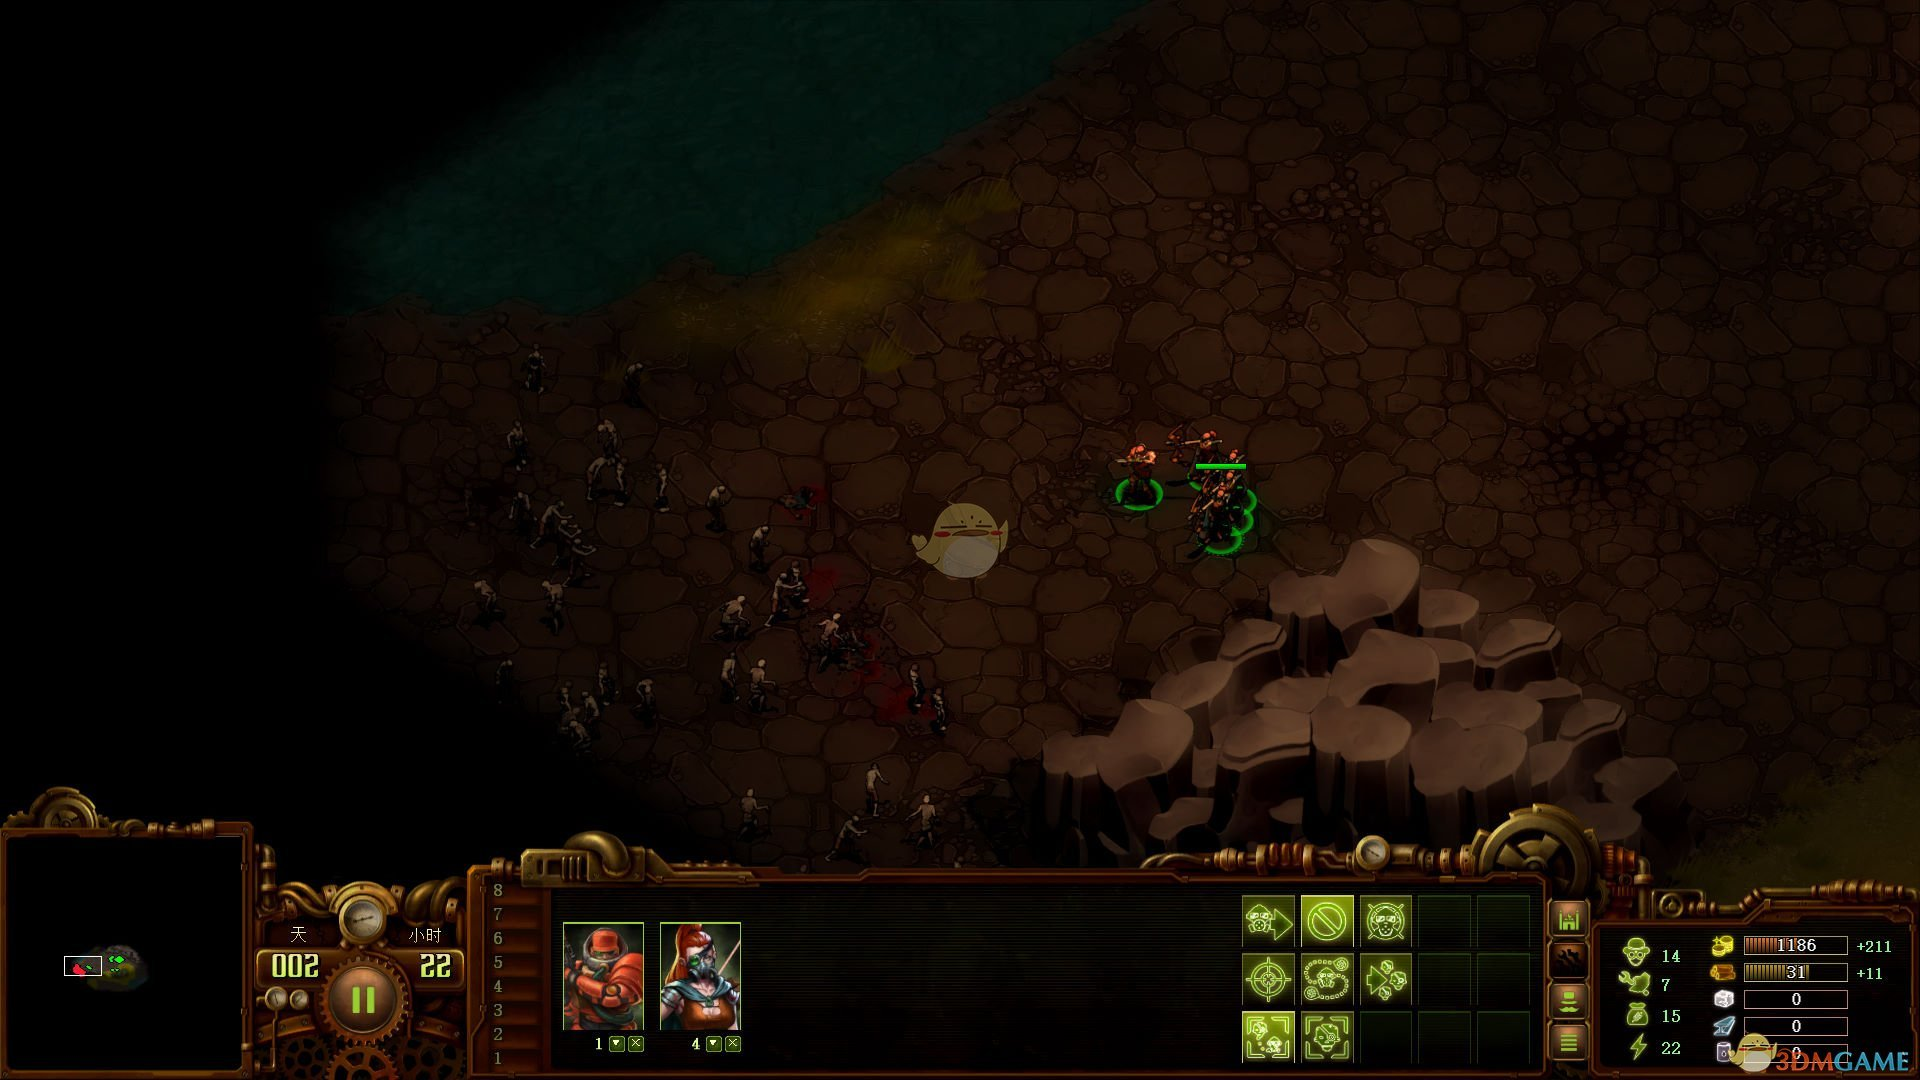 《亿万僵尸》有哪些地图 游戏地图一览